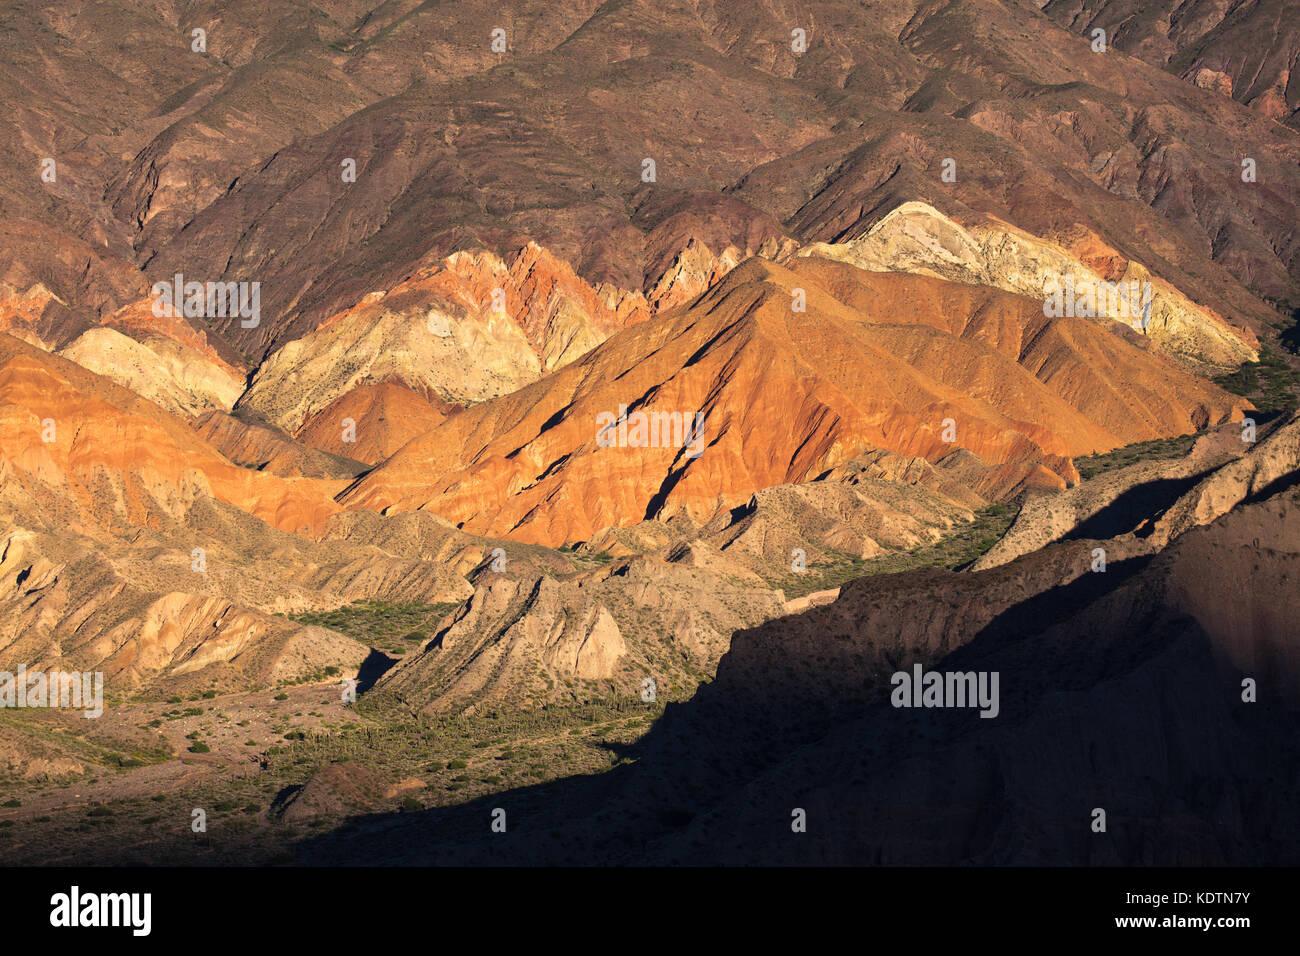 Los colores en las montañas de la quebrada de Humahuaca nr Tilcara, provincia de Jujuy, Argentina Imagen De Stock